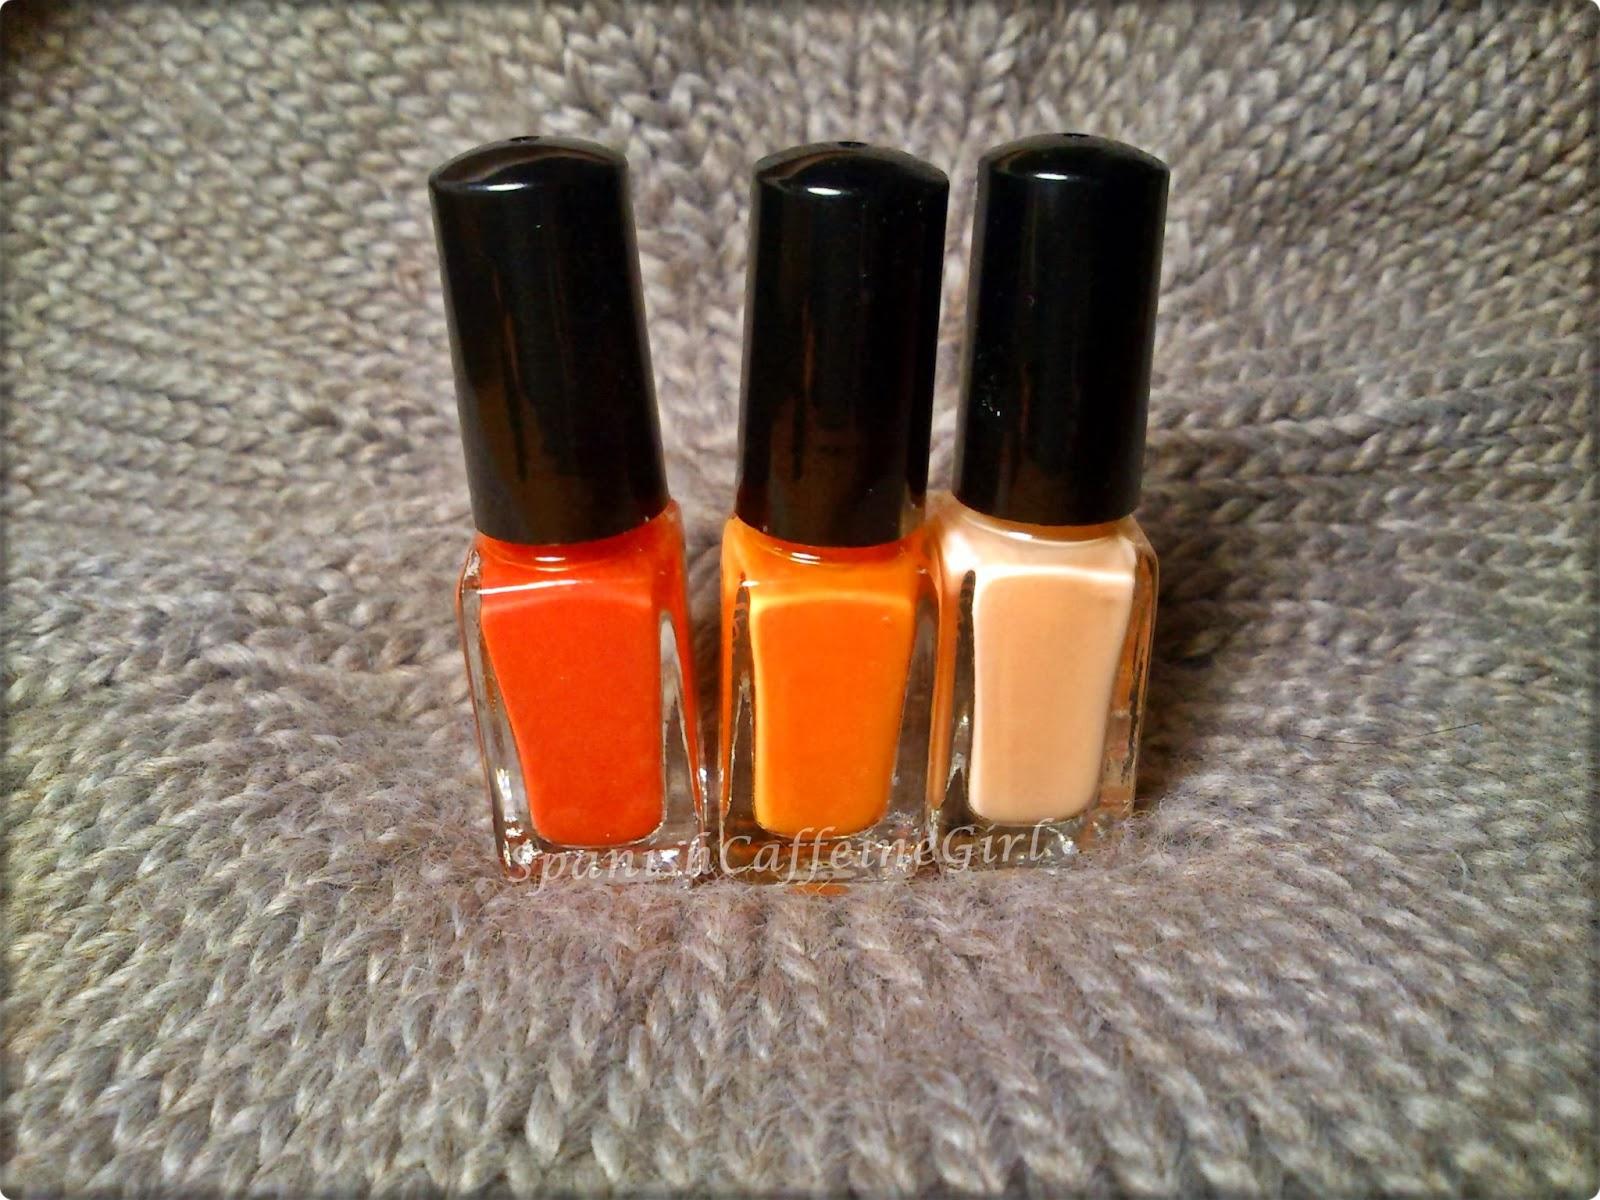 3 botes de esmaltes de uñas naranja